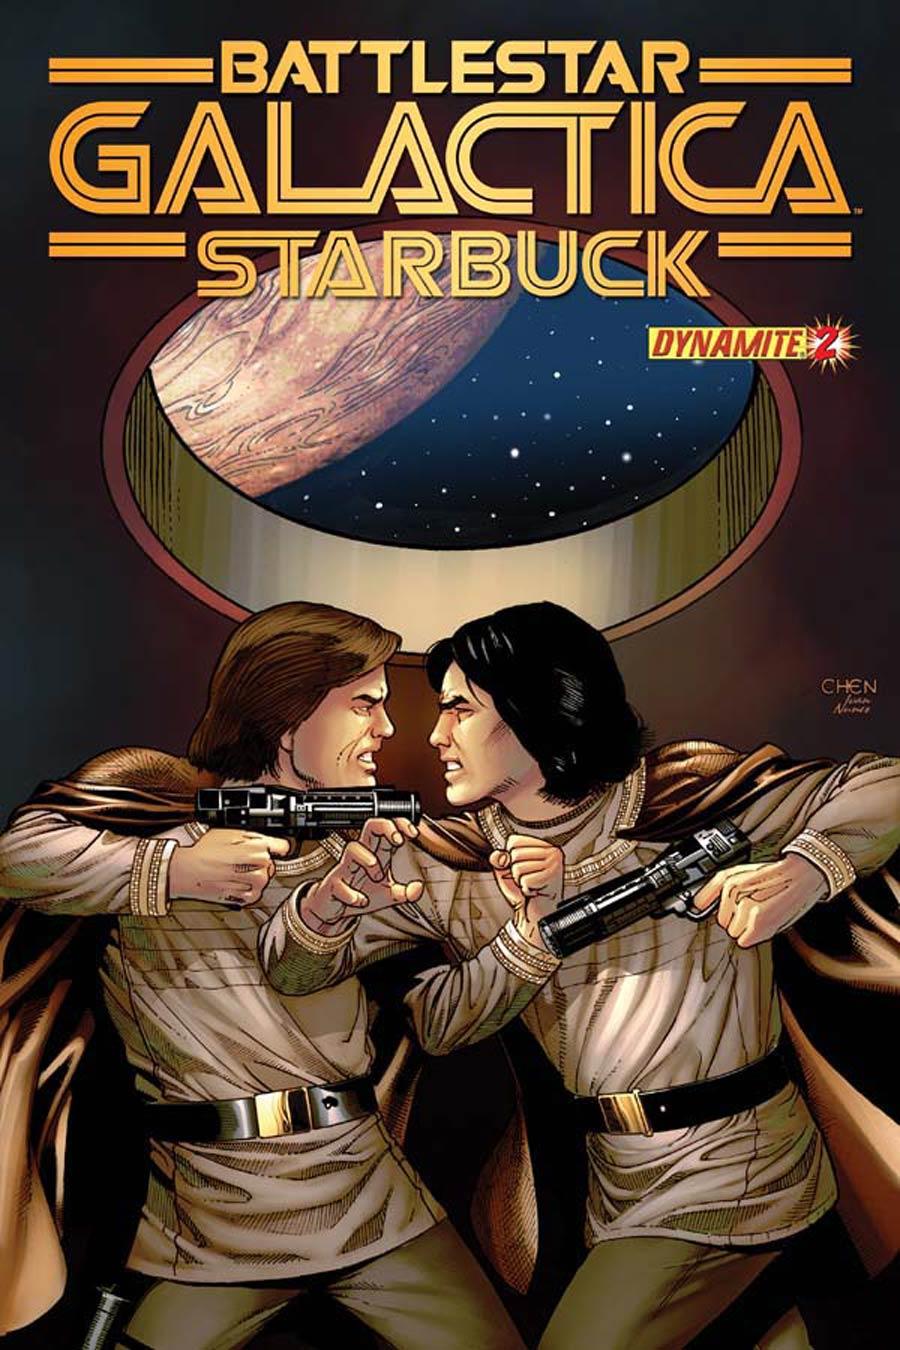 Battlestar Galactica Starbuck Vol 2 #2